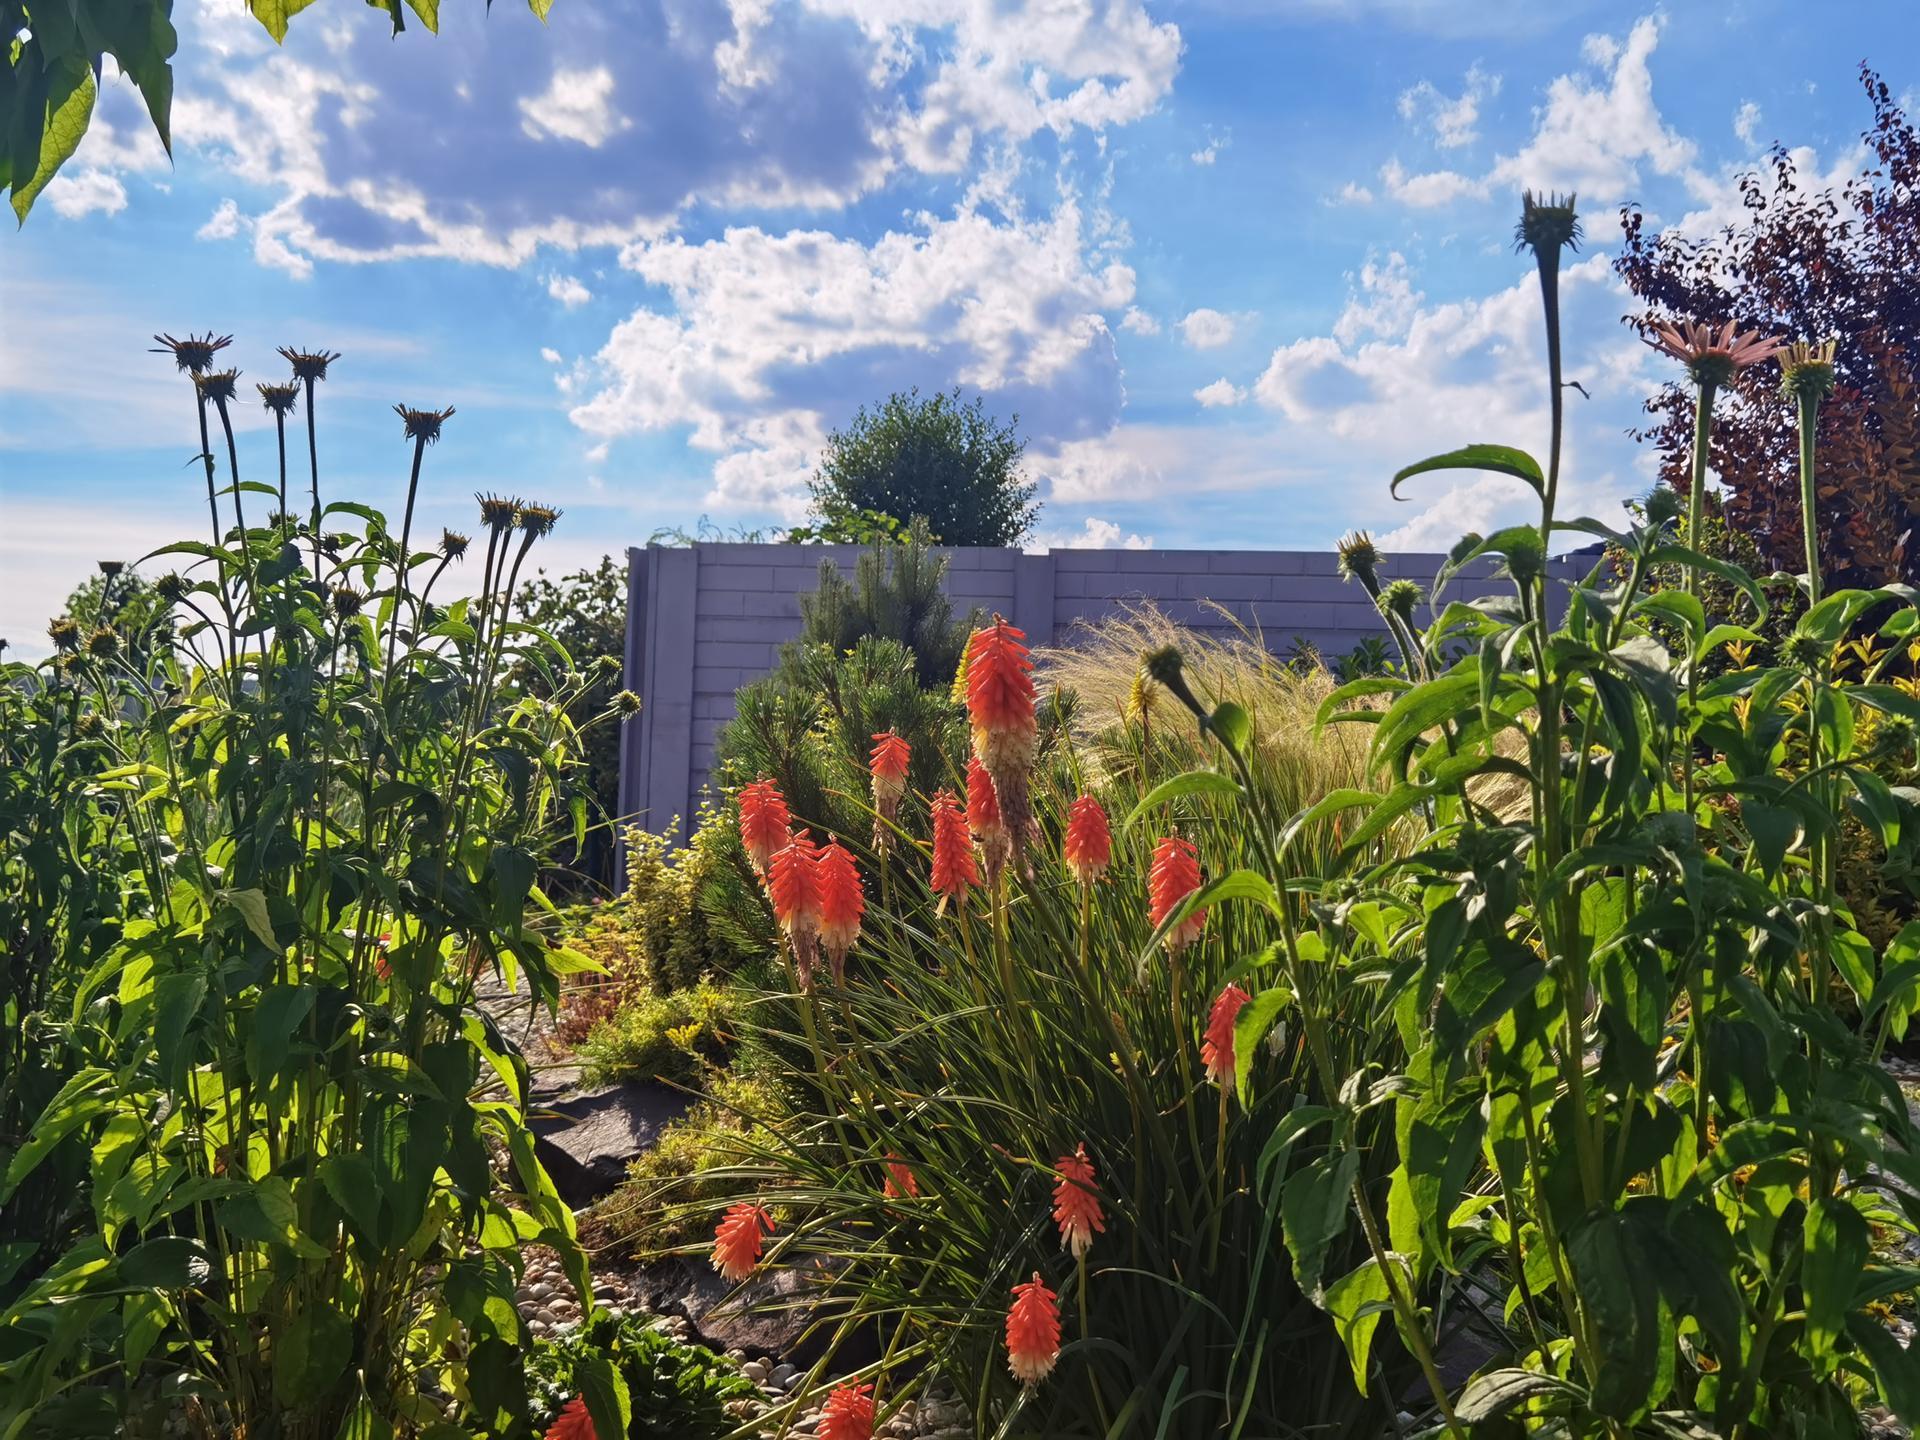 Záhrada 2021 - Obrázok č. 33